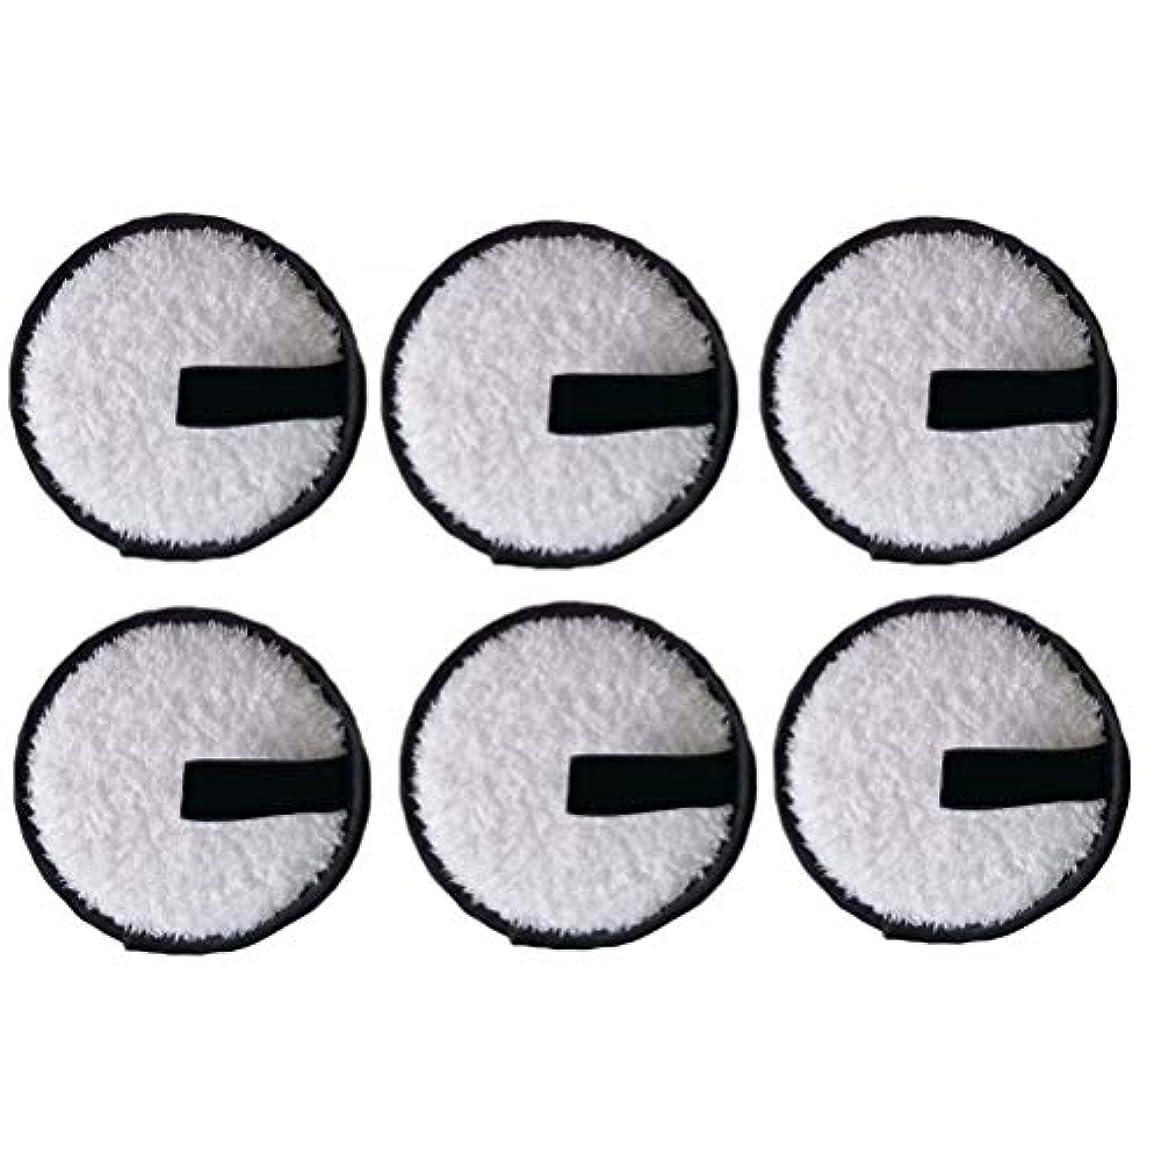 苦しむ溶ける代理店LURROSE 6本洗顔パウダーパフ洗顔パウダーパフファッションメイク落とし圧縮パッド(黒)